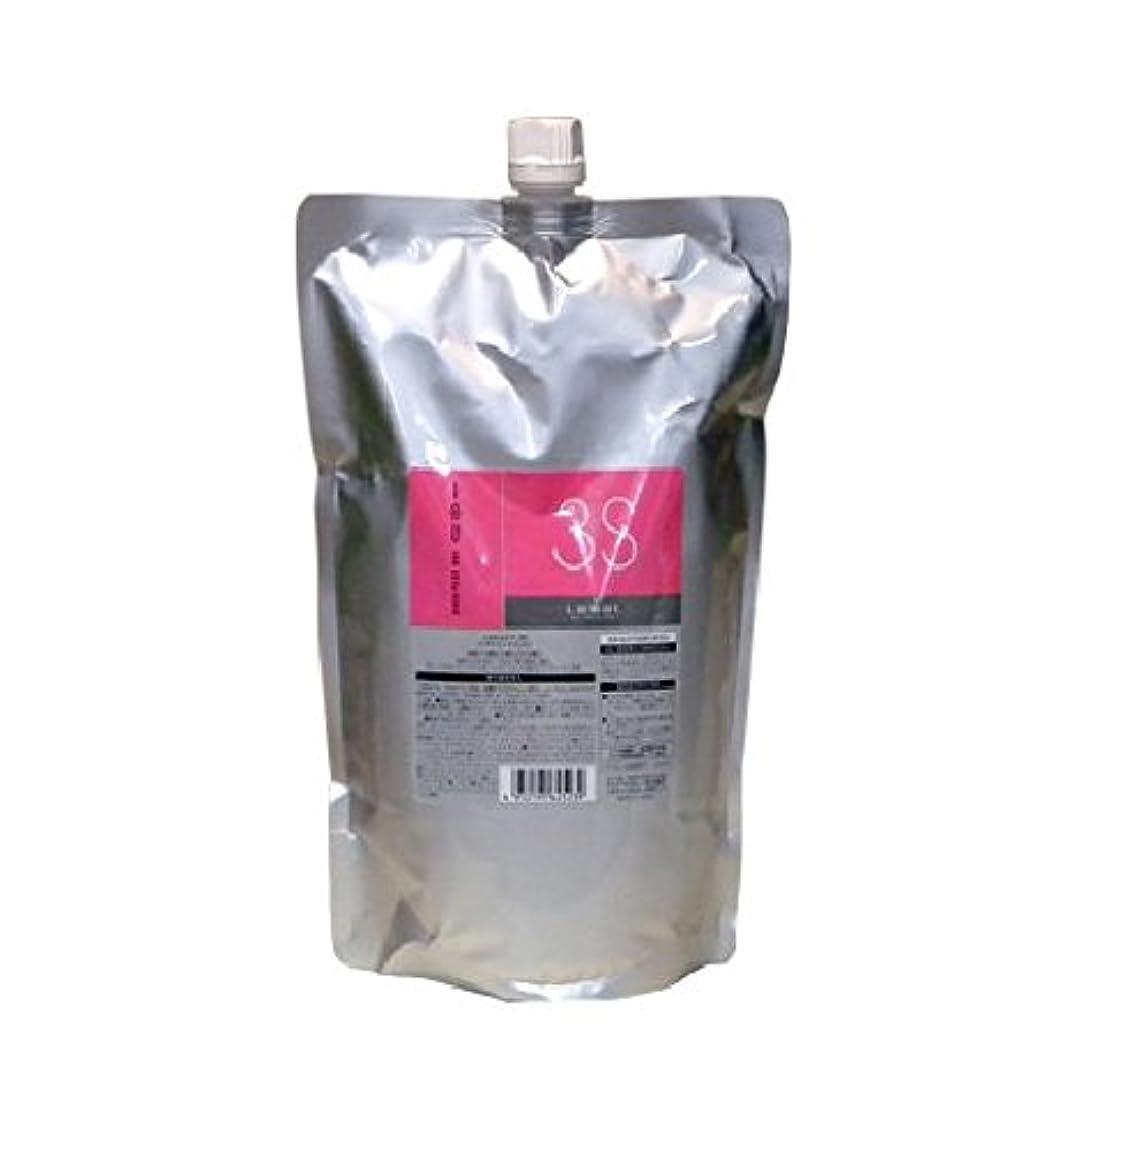 相手近代化洗剤ルベル イオ セルケア 3S  1000ml リフィル